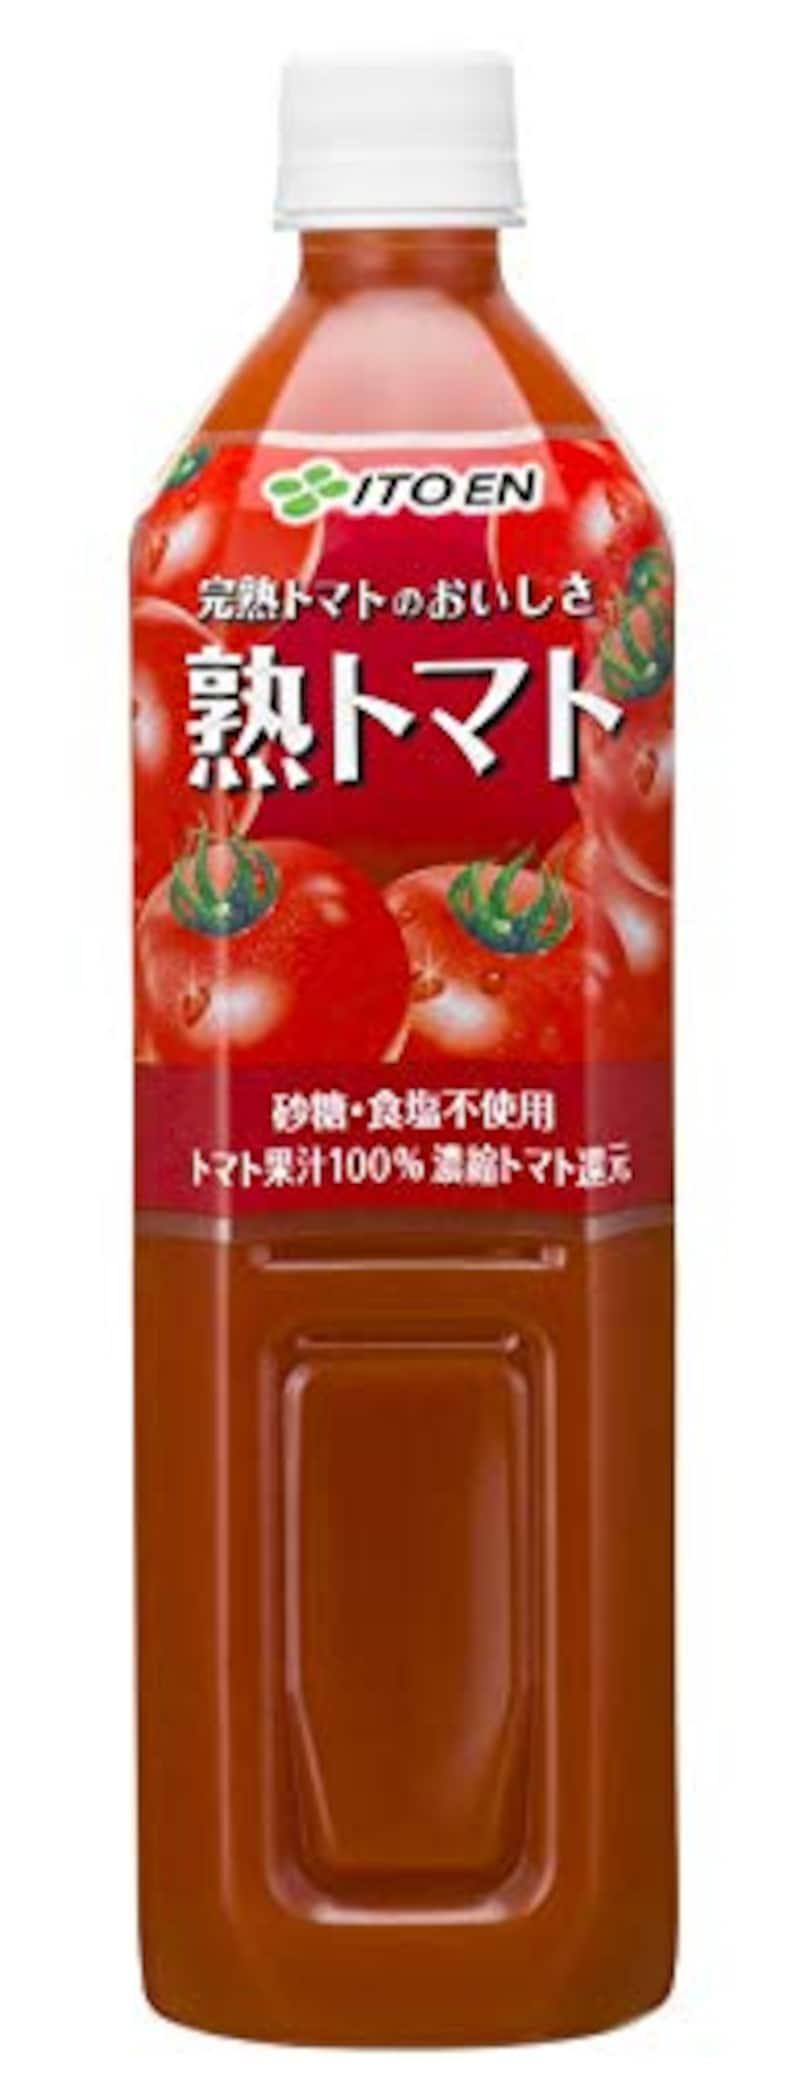 伊藤園,熟トマト